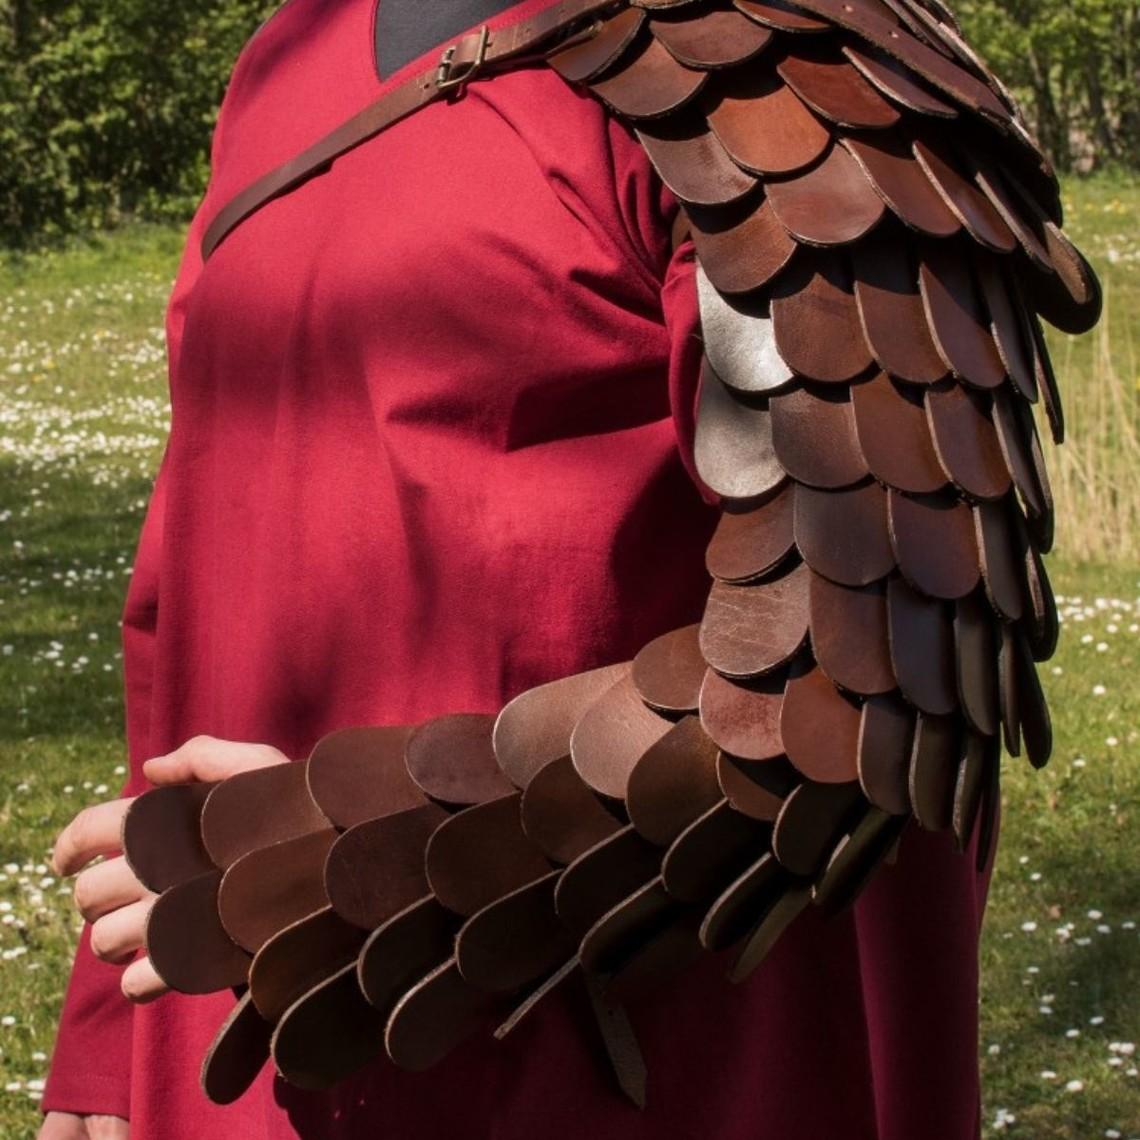 Deepeeka Leder skaliert manica / armguard Gladiator